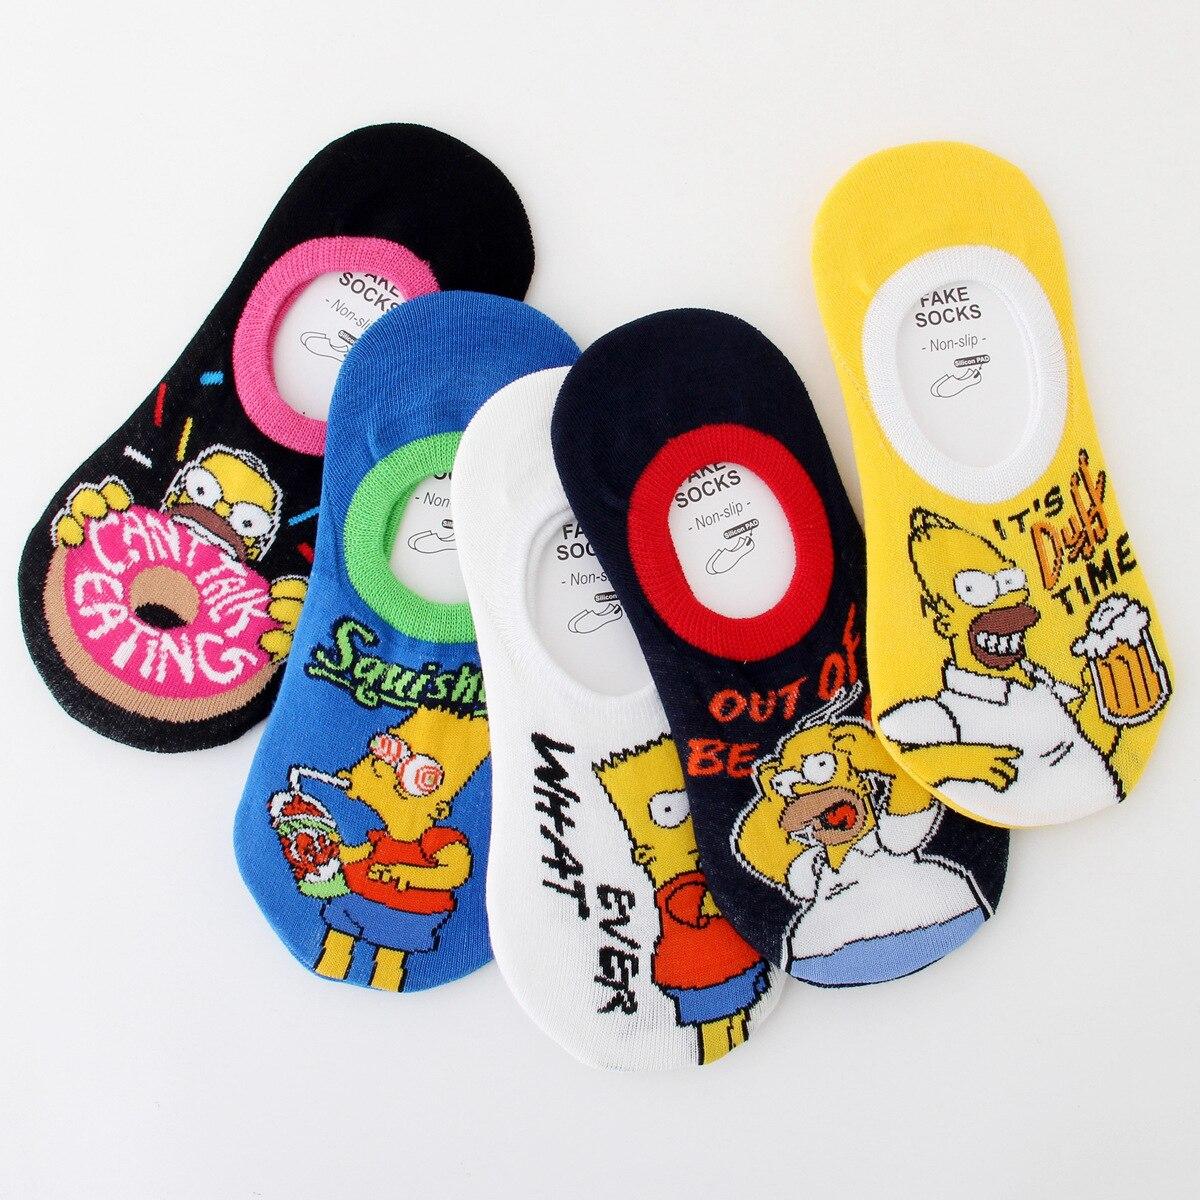 Calcetines de mujer para niñas con estampado de Barrio Sésamo calcetines hasta el tobillo con caricaturas calcetines cortos de algodón Simpsons lindo calcetín Kawaii calcetines invisibles sox